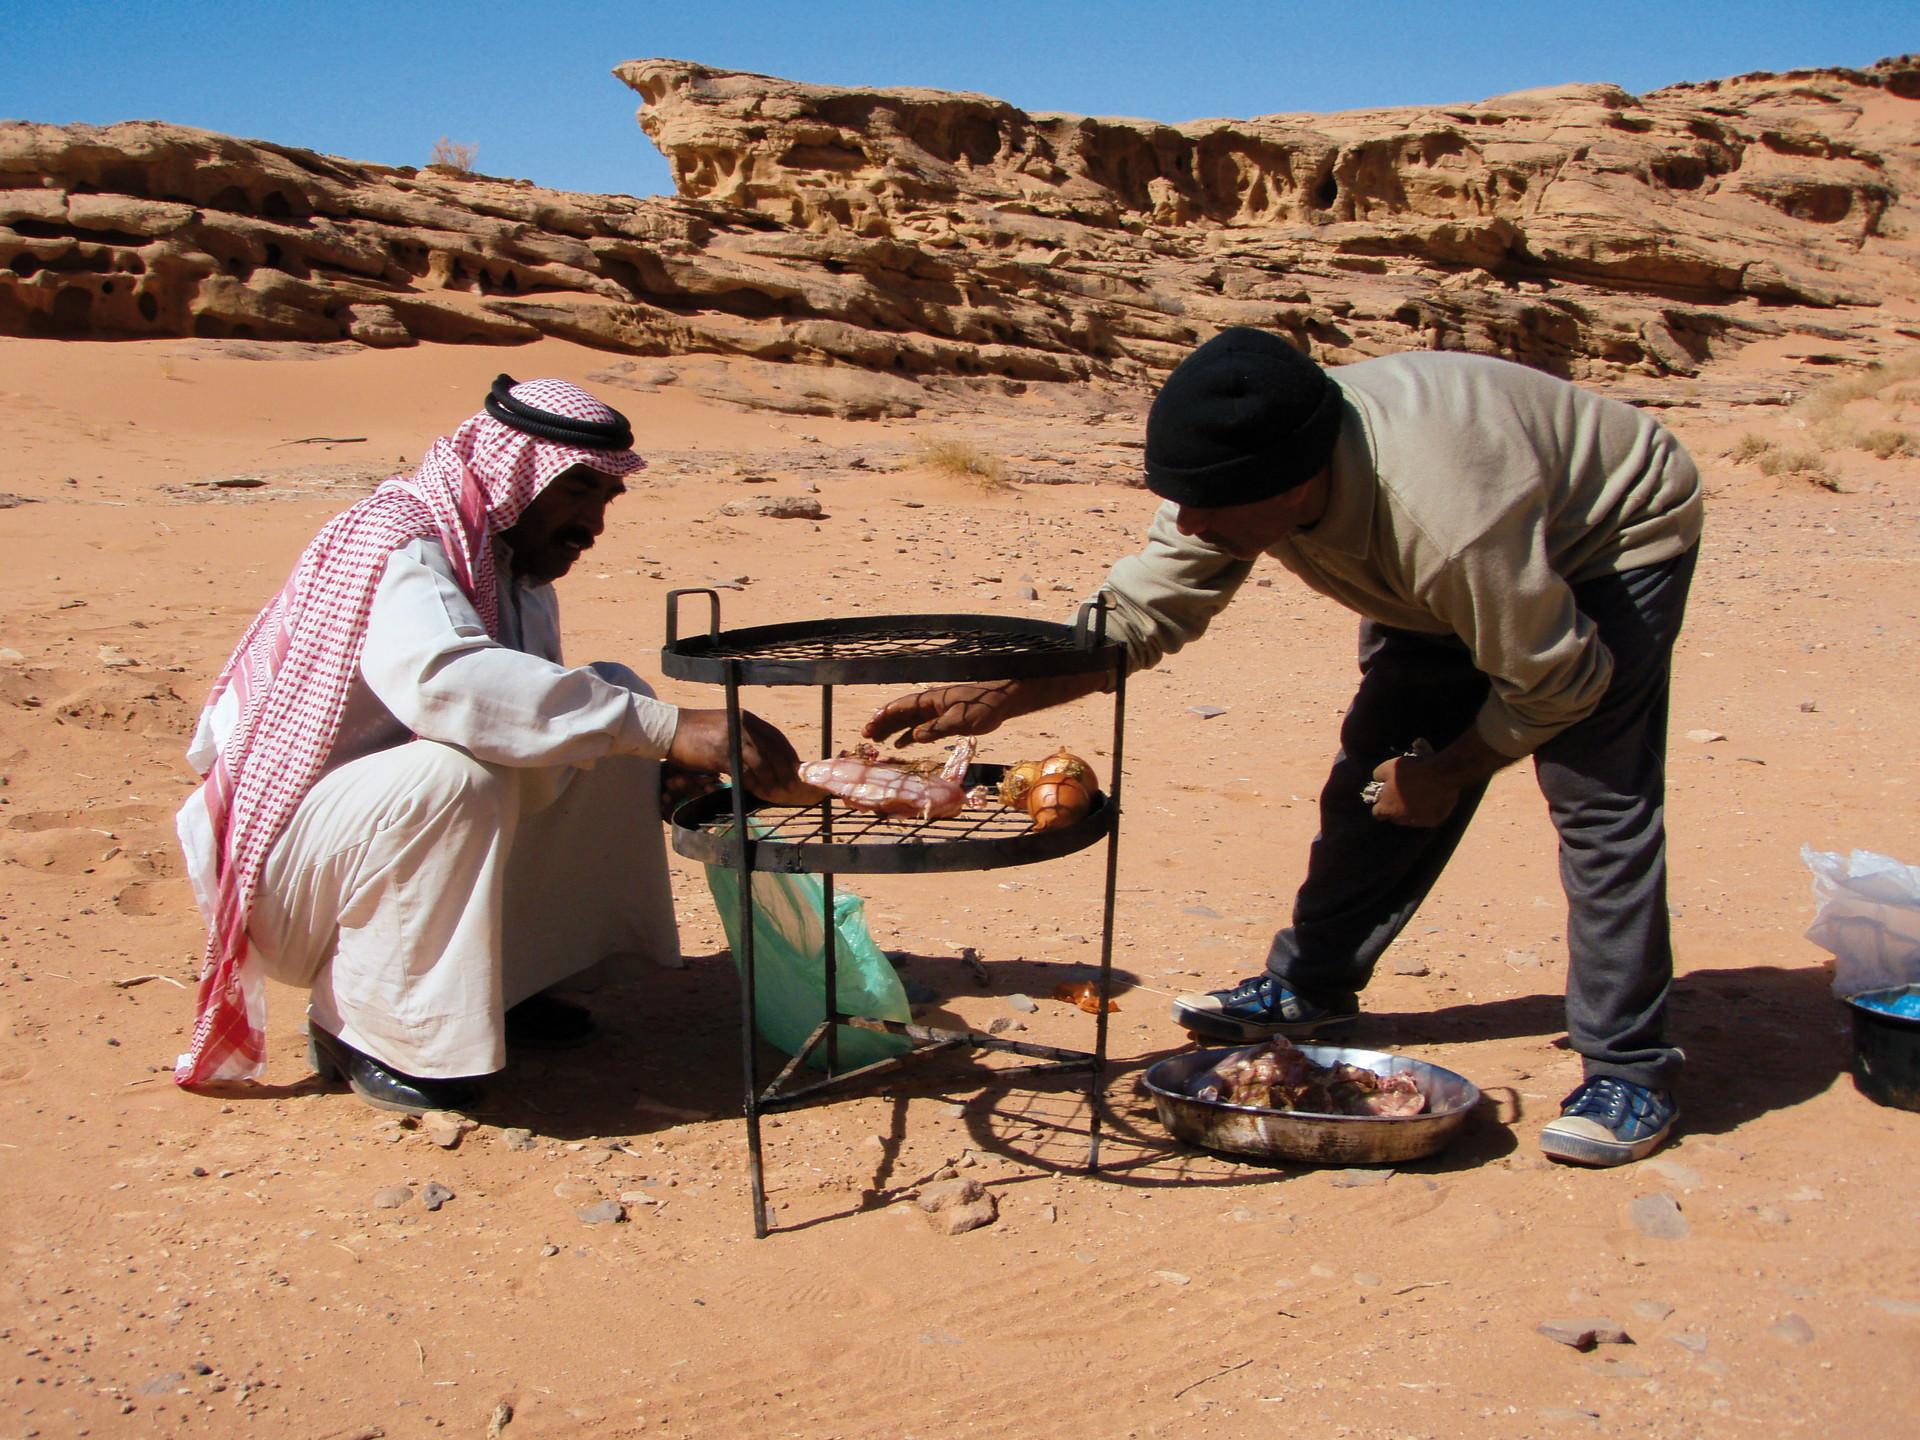 Twee mannen bereiden Zharb voor, een ondergrondse barbecue, Wadi Rum, Jordanië